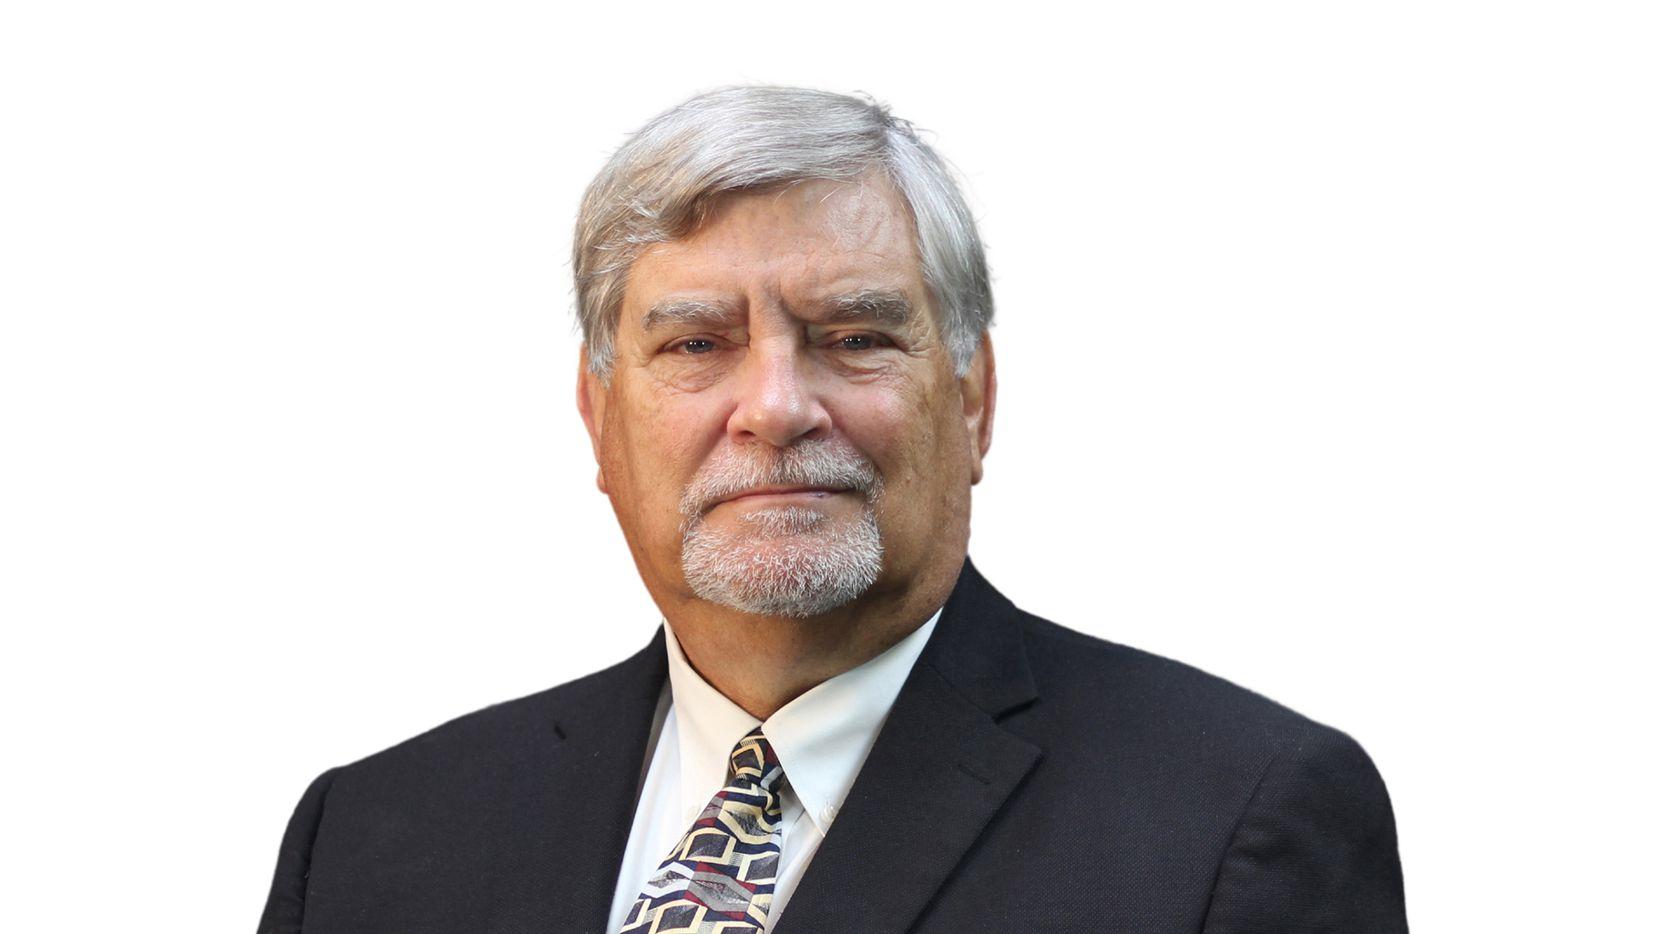 Bill Jordan, 2021 MetroTex President, MetroTex Association of Realtors